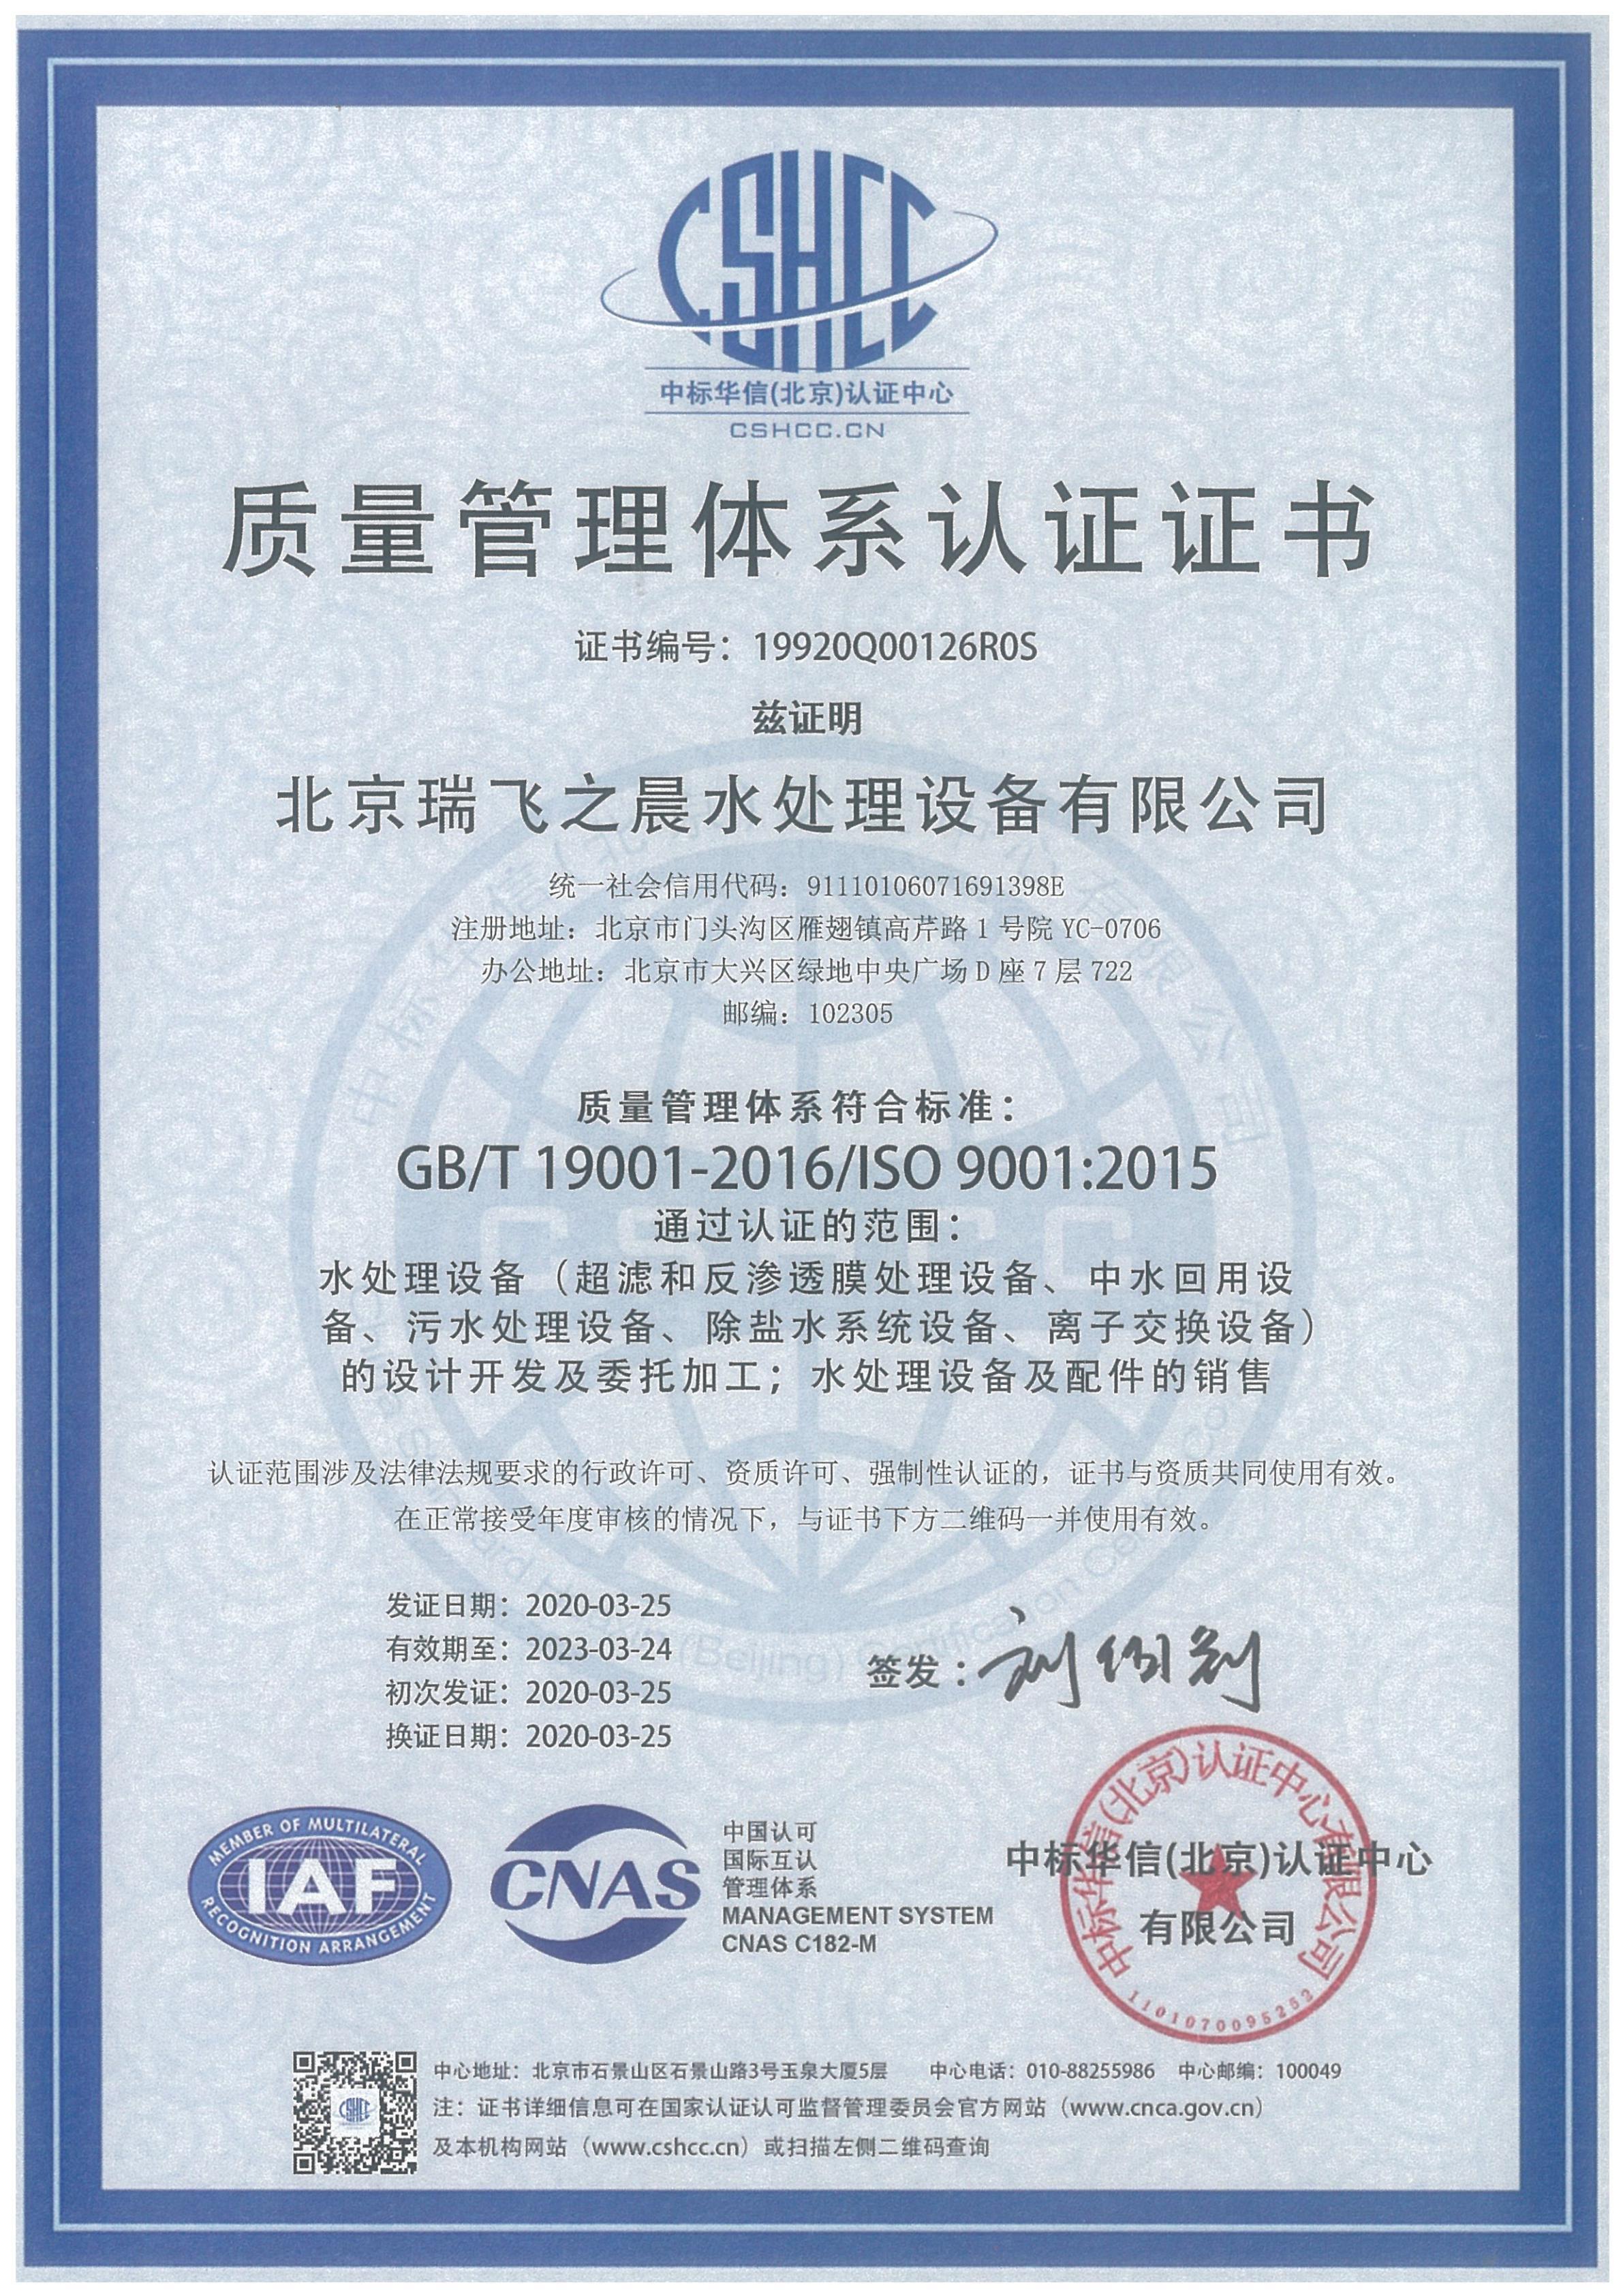 本公司全面通过 ISO9001 质量管理认证; 环境管理体系认证; 职业健康安全管理体系认证的三标一体认证